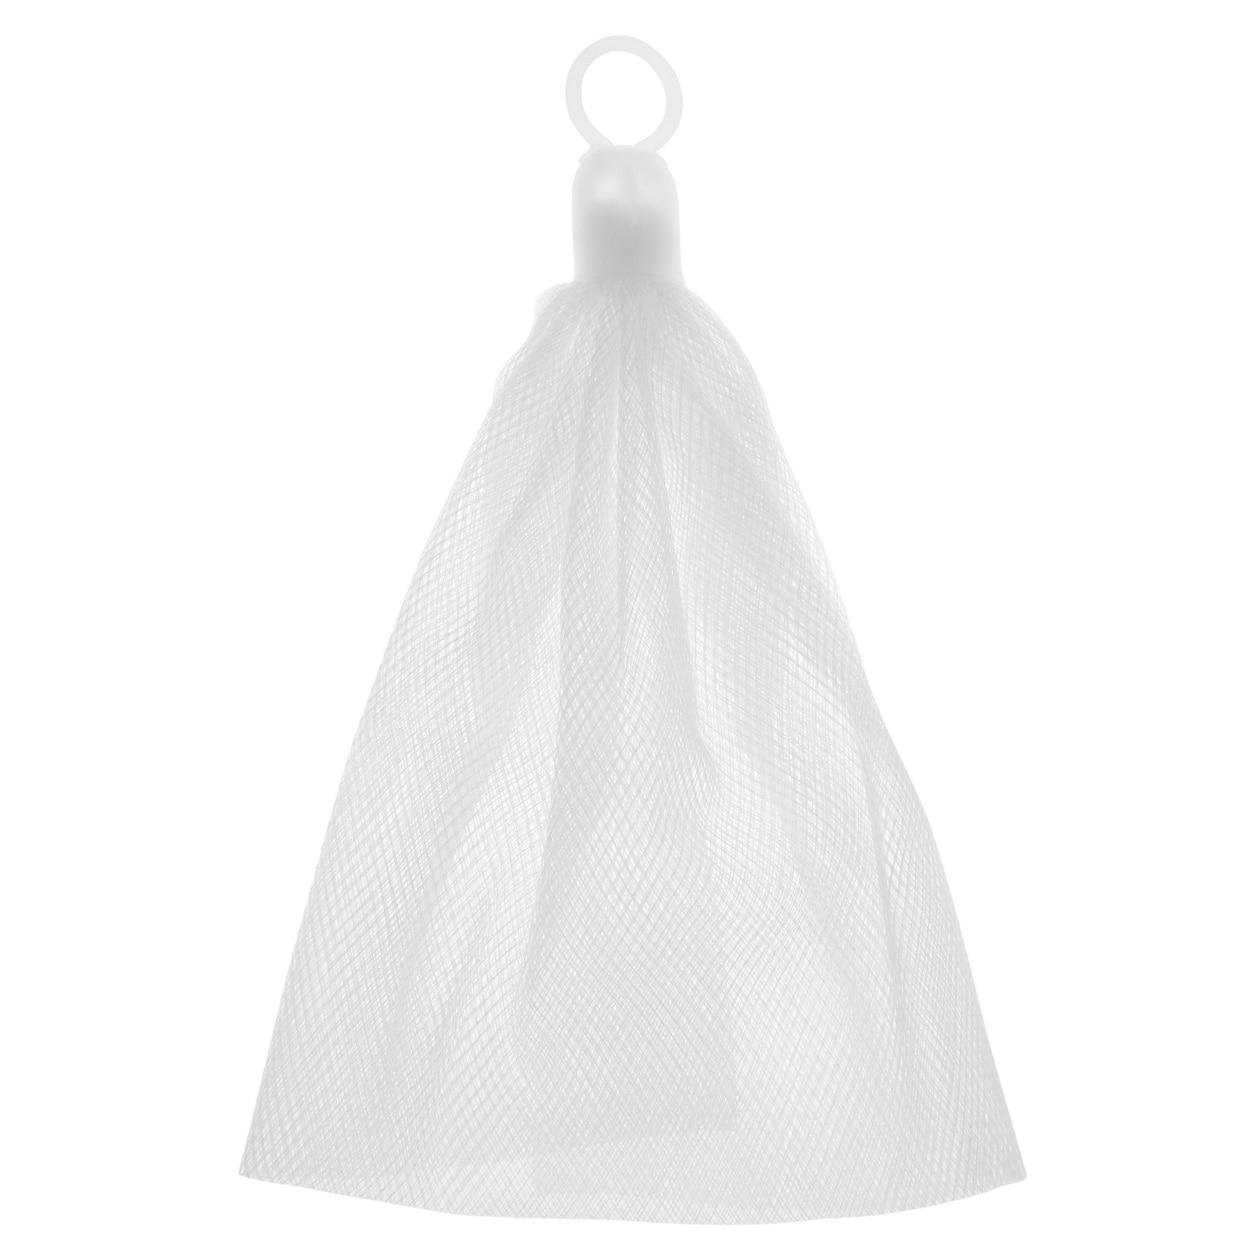 泡澡用品 洁面用起泡网  使用厨房用品的素材,细小网状能简单造出幼滑